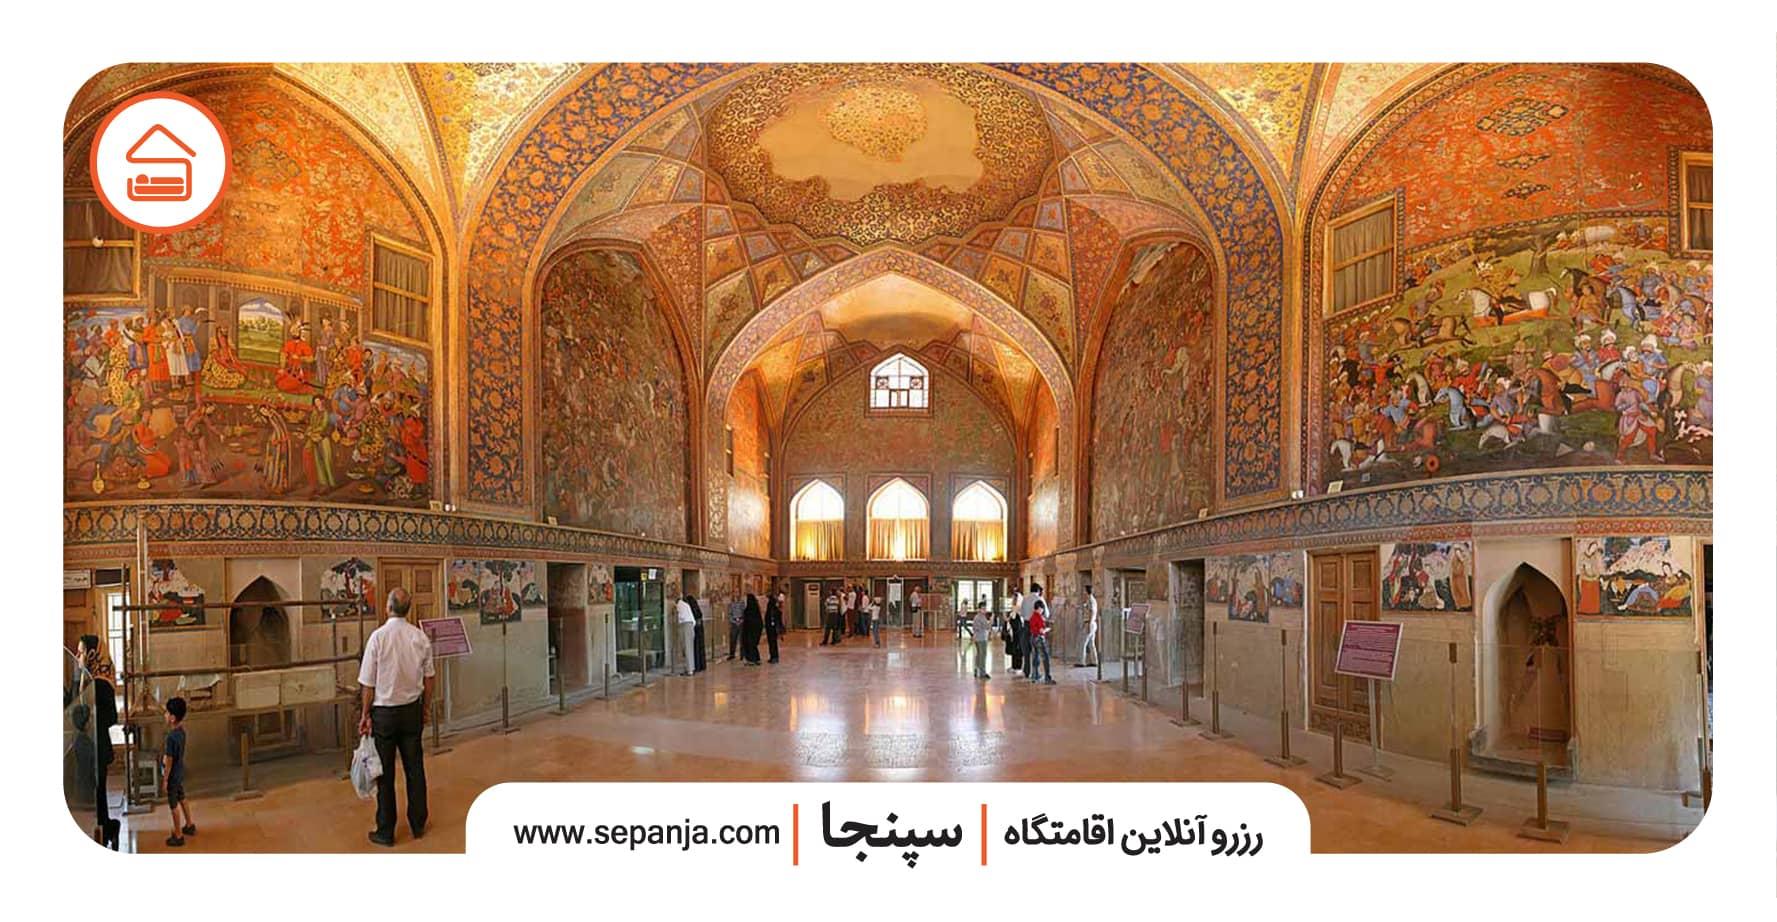 تالار اشرف یکی از بهترین مکان های ناشناخته اصفهان